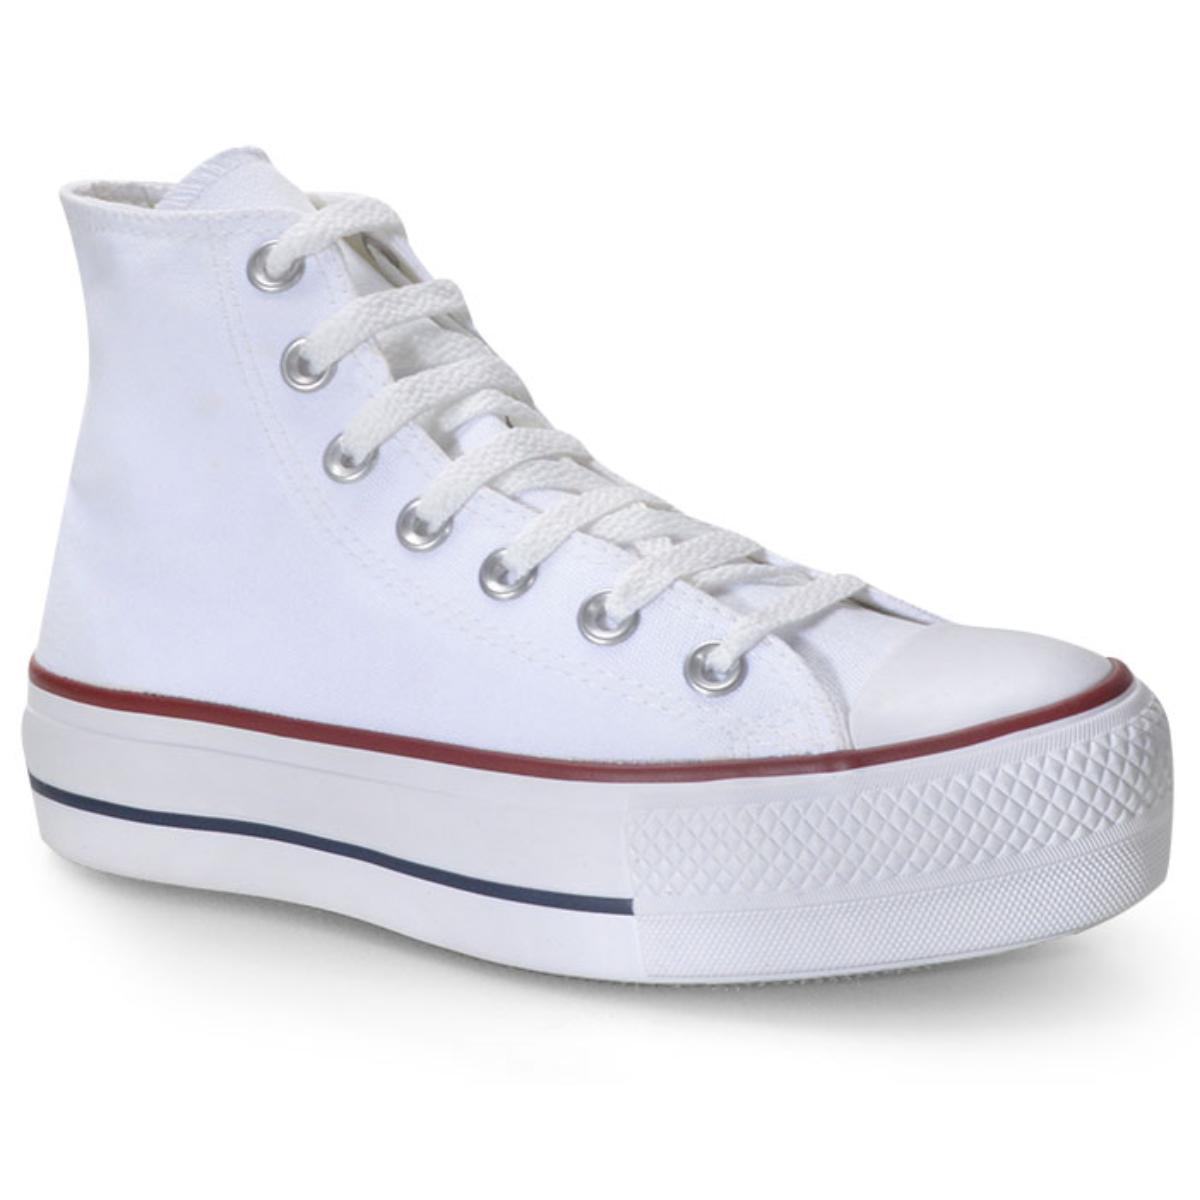 Tênis Feminino All Star Ct04940003 Branco/marinho